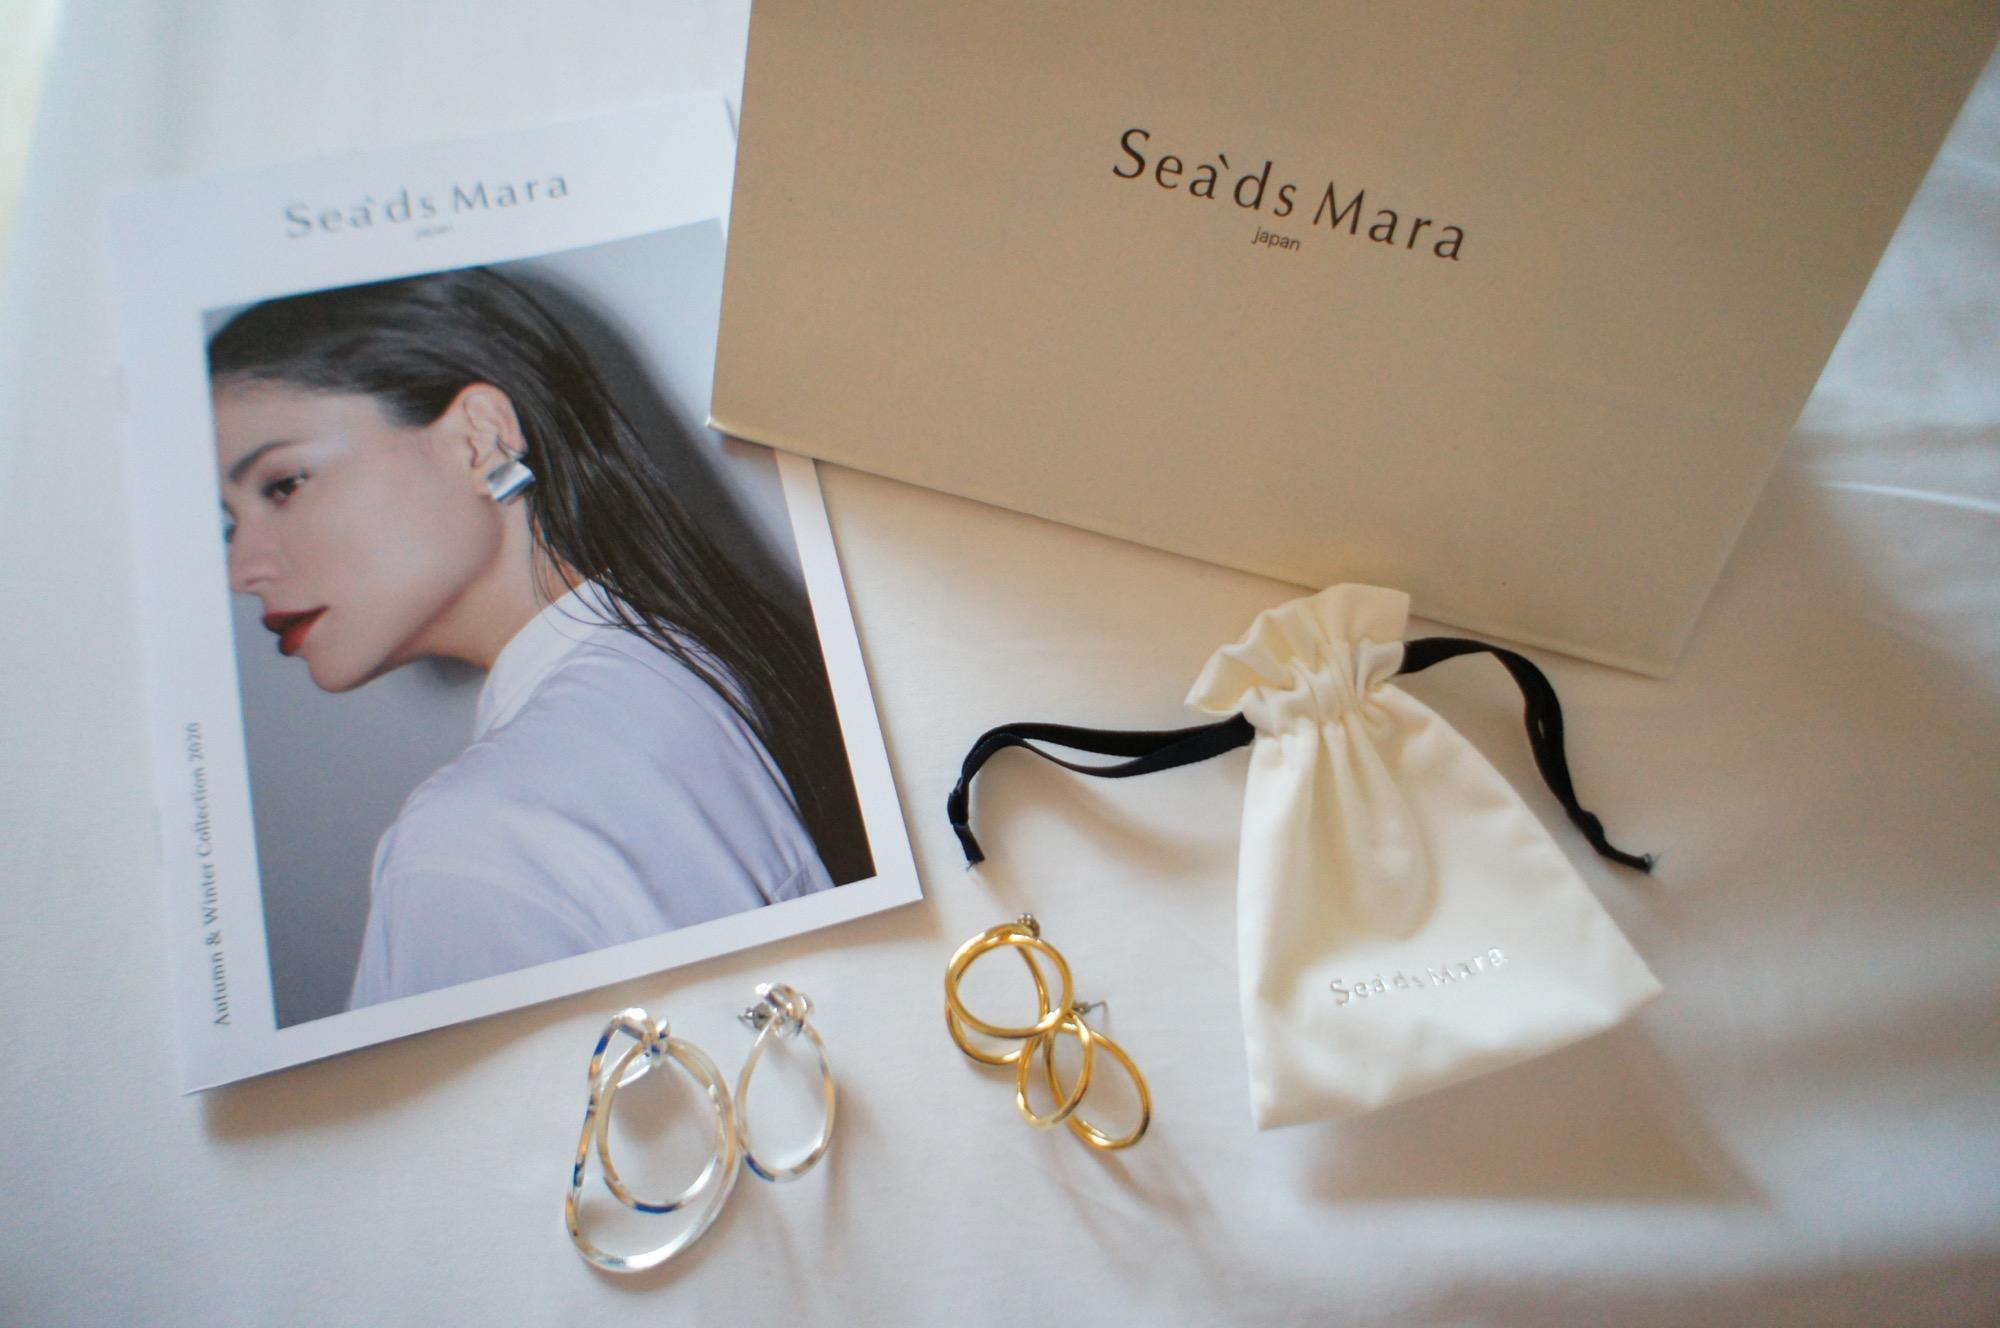 《お洒落さんが持ってる❤️》【Sea`ds Mara(シーズマーラ)】の2020AW Collectionが可愛すぎる☻_1